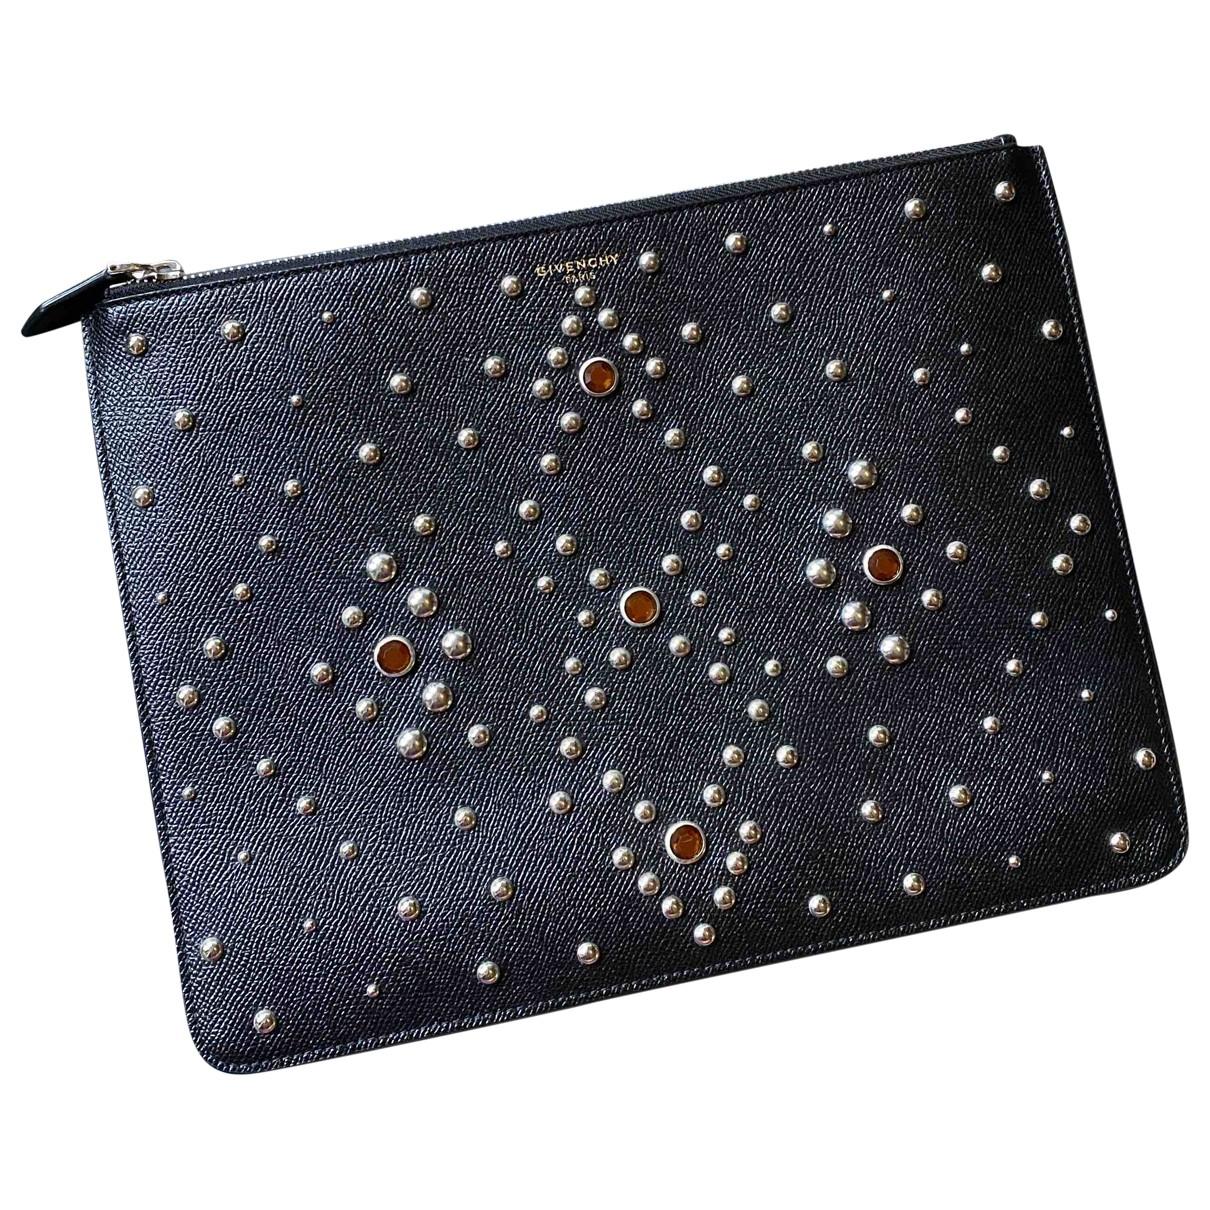 Givenchy \N Kleinlederwaren in  Schwarz Leder